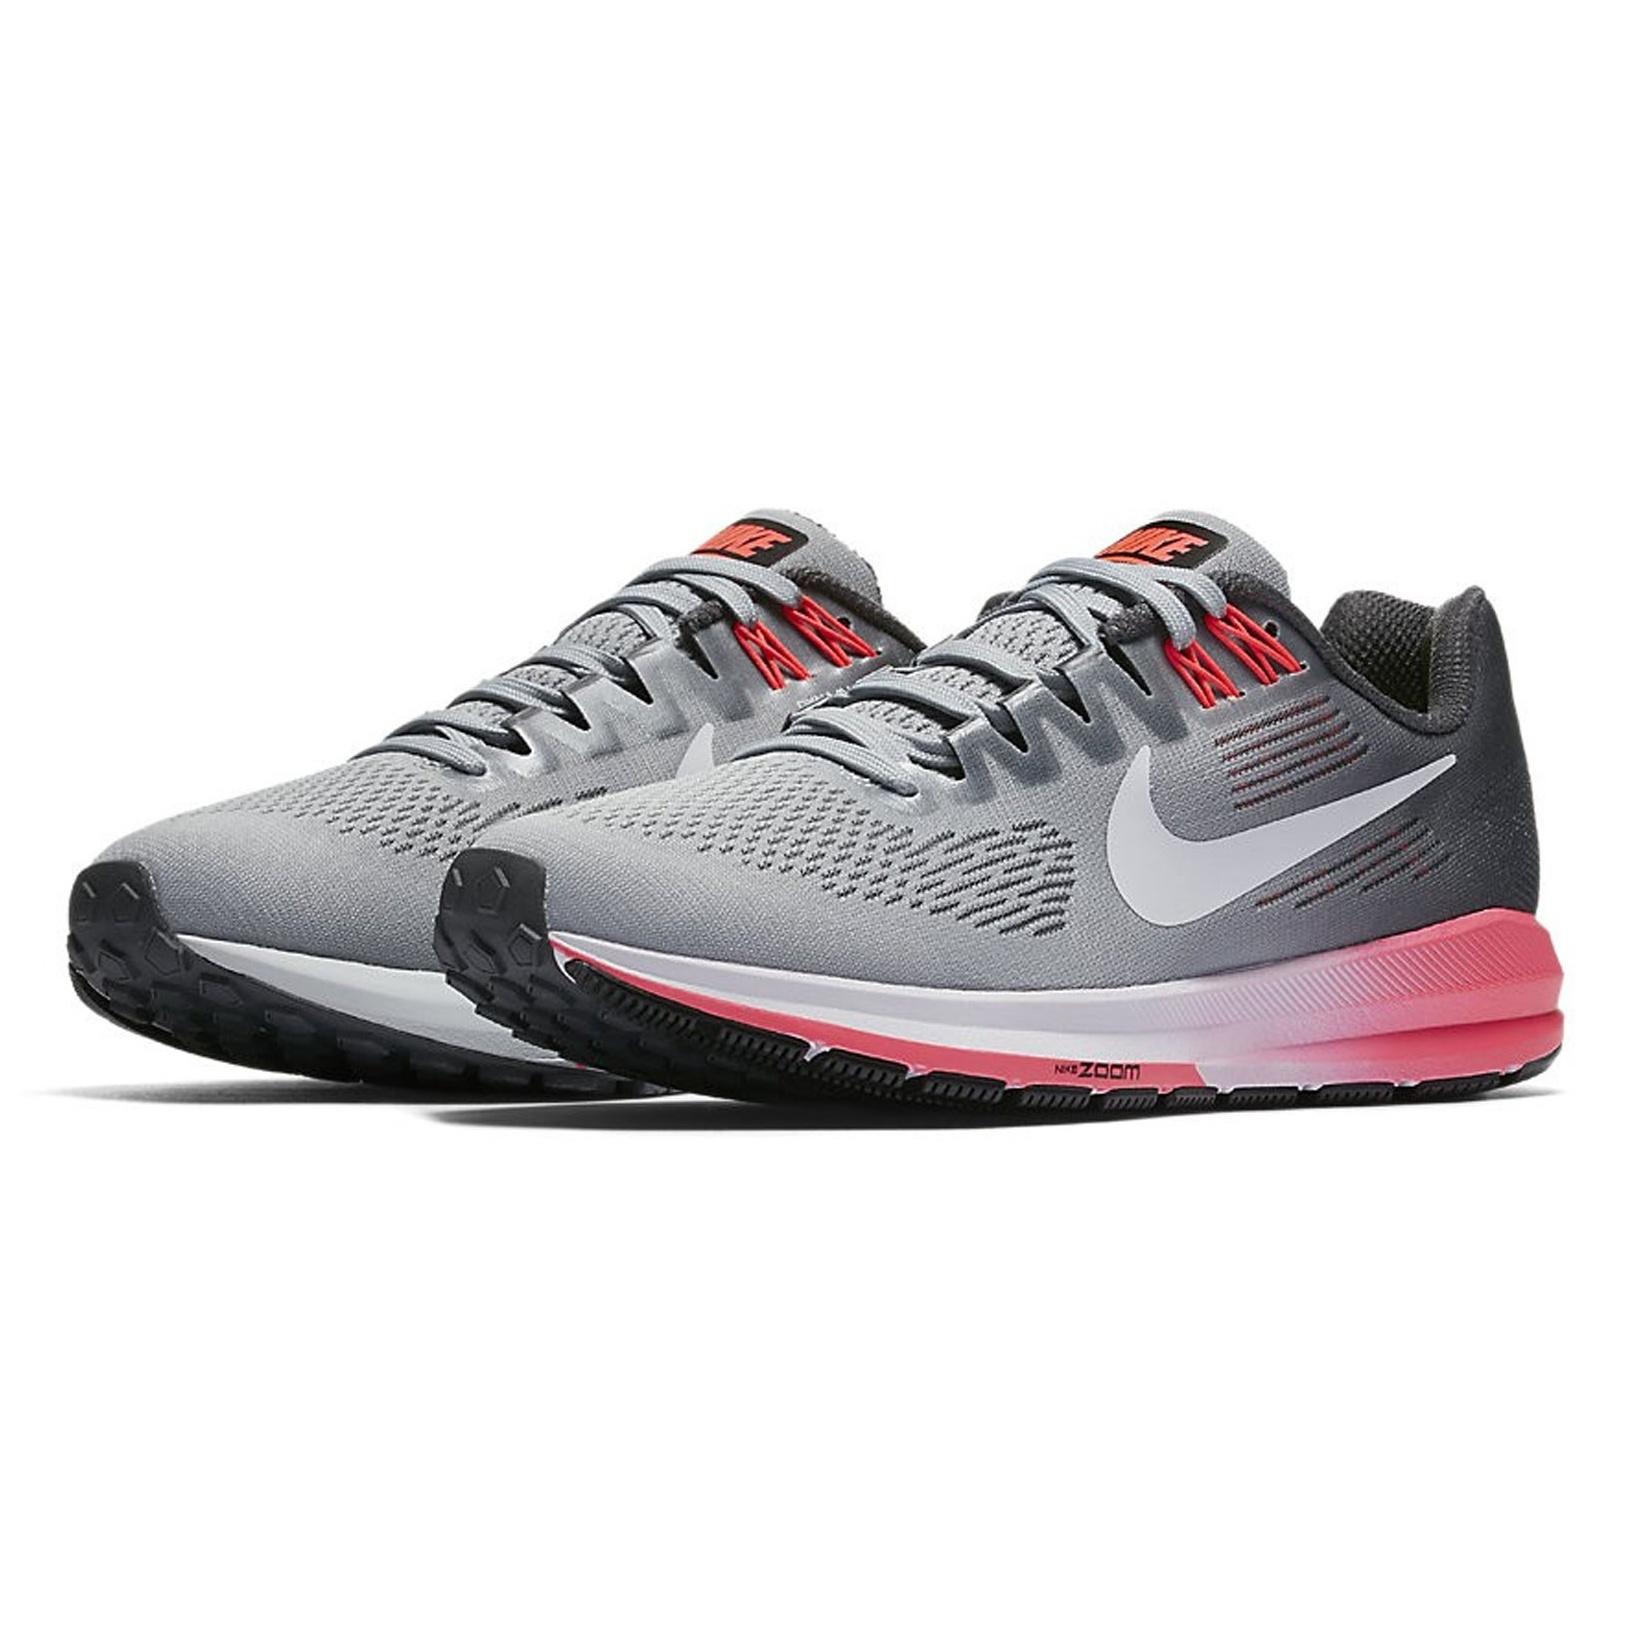 کفش دویدن بندی زنانه Air Zoom Structure 21 - نایکی - طوسي و مشکي - 6